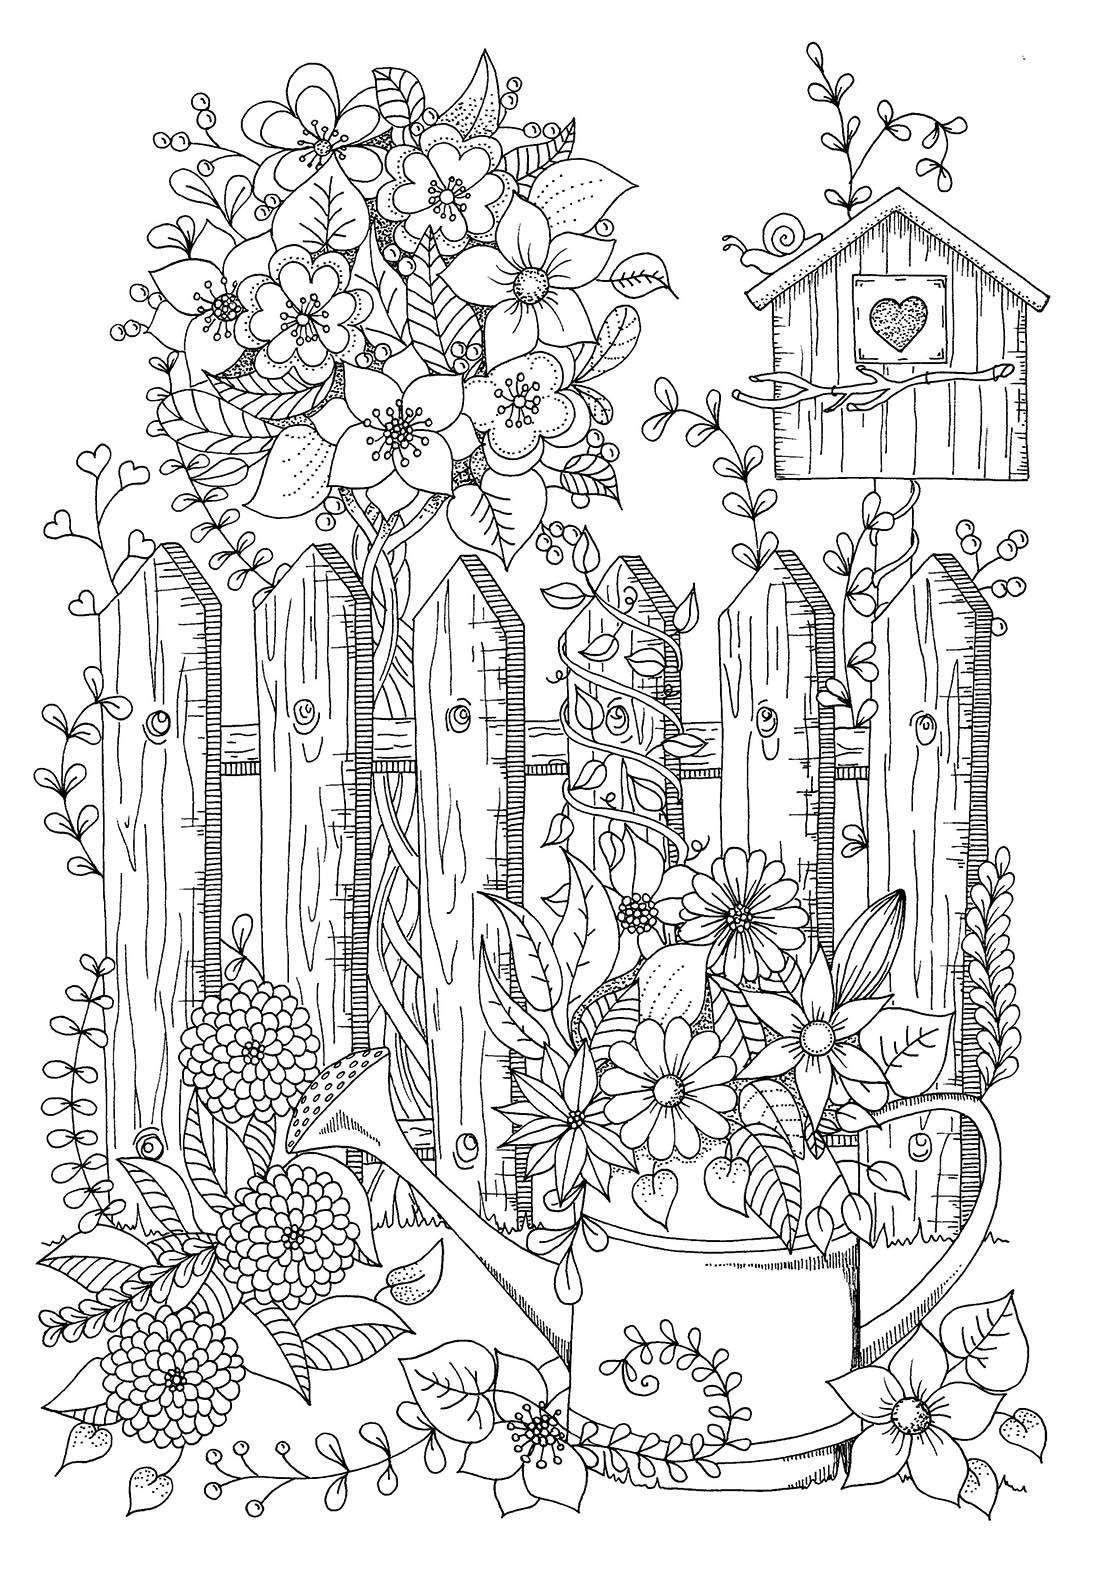 Webwinkel Boekscout Nl Sabine Van Ee Mijn Droomtuin Het Kleurboek Voor Volwassenen Kleurboek Kleurplaten Dieren Kleurplaten